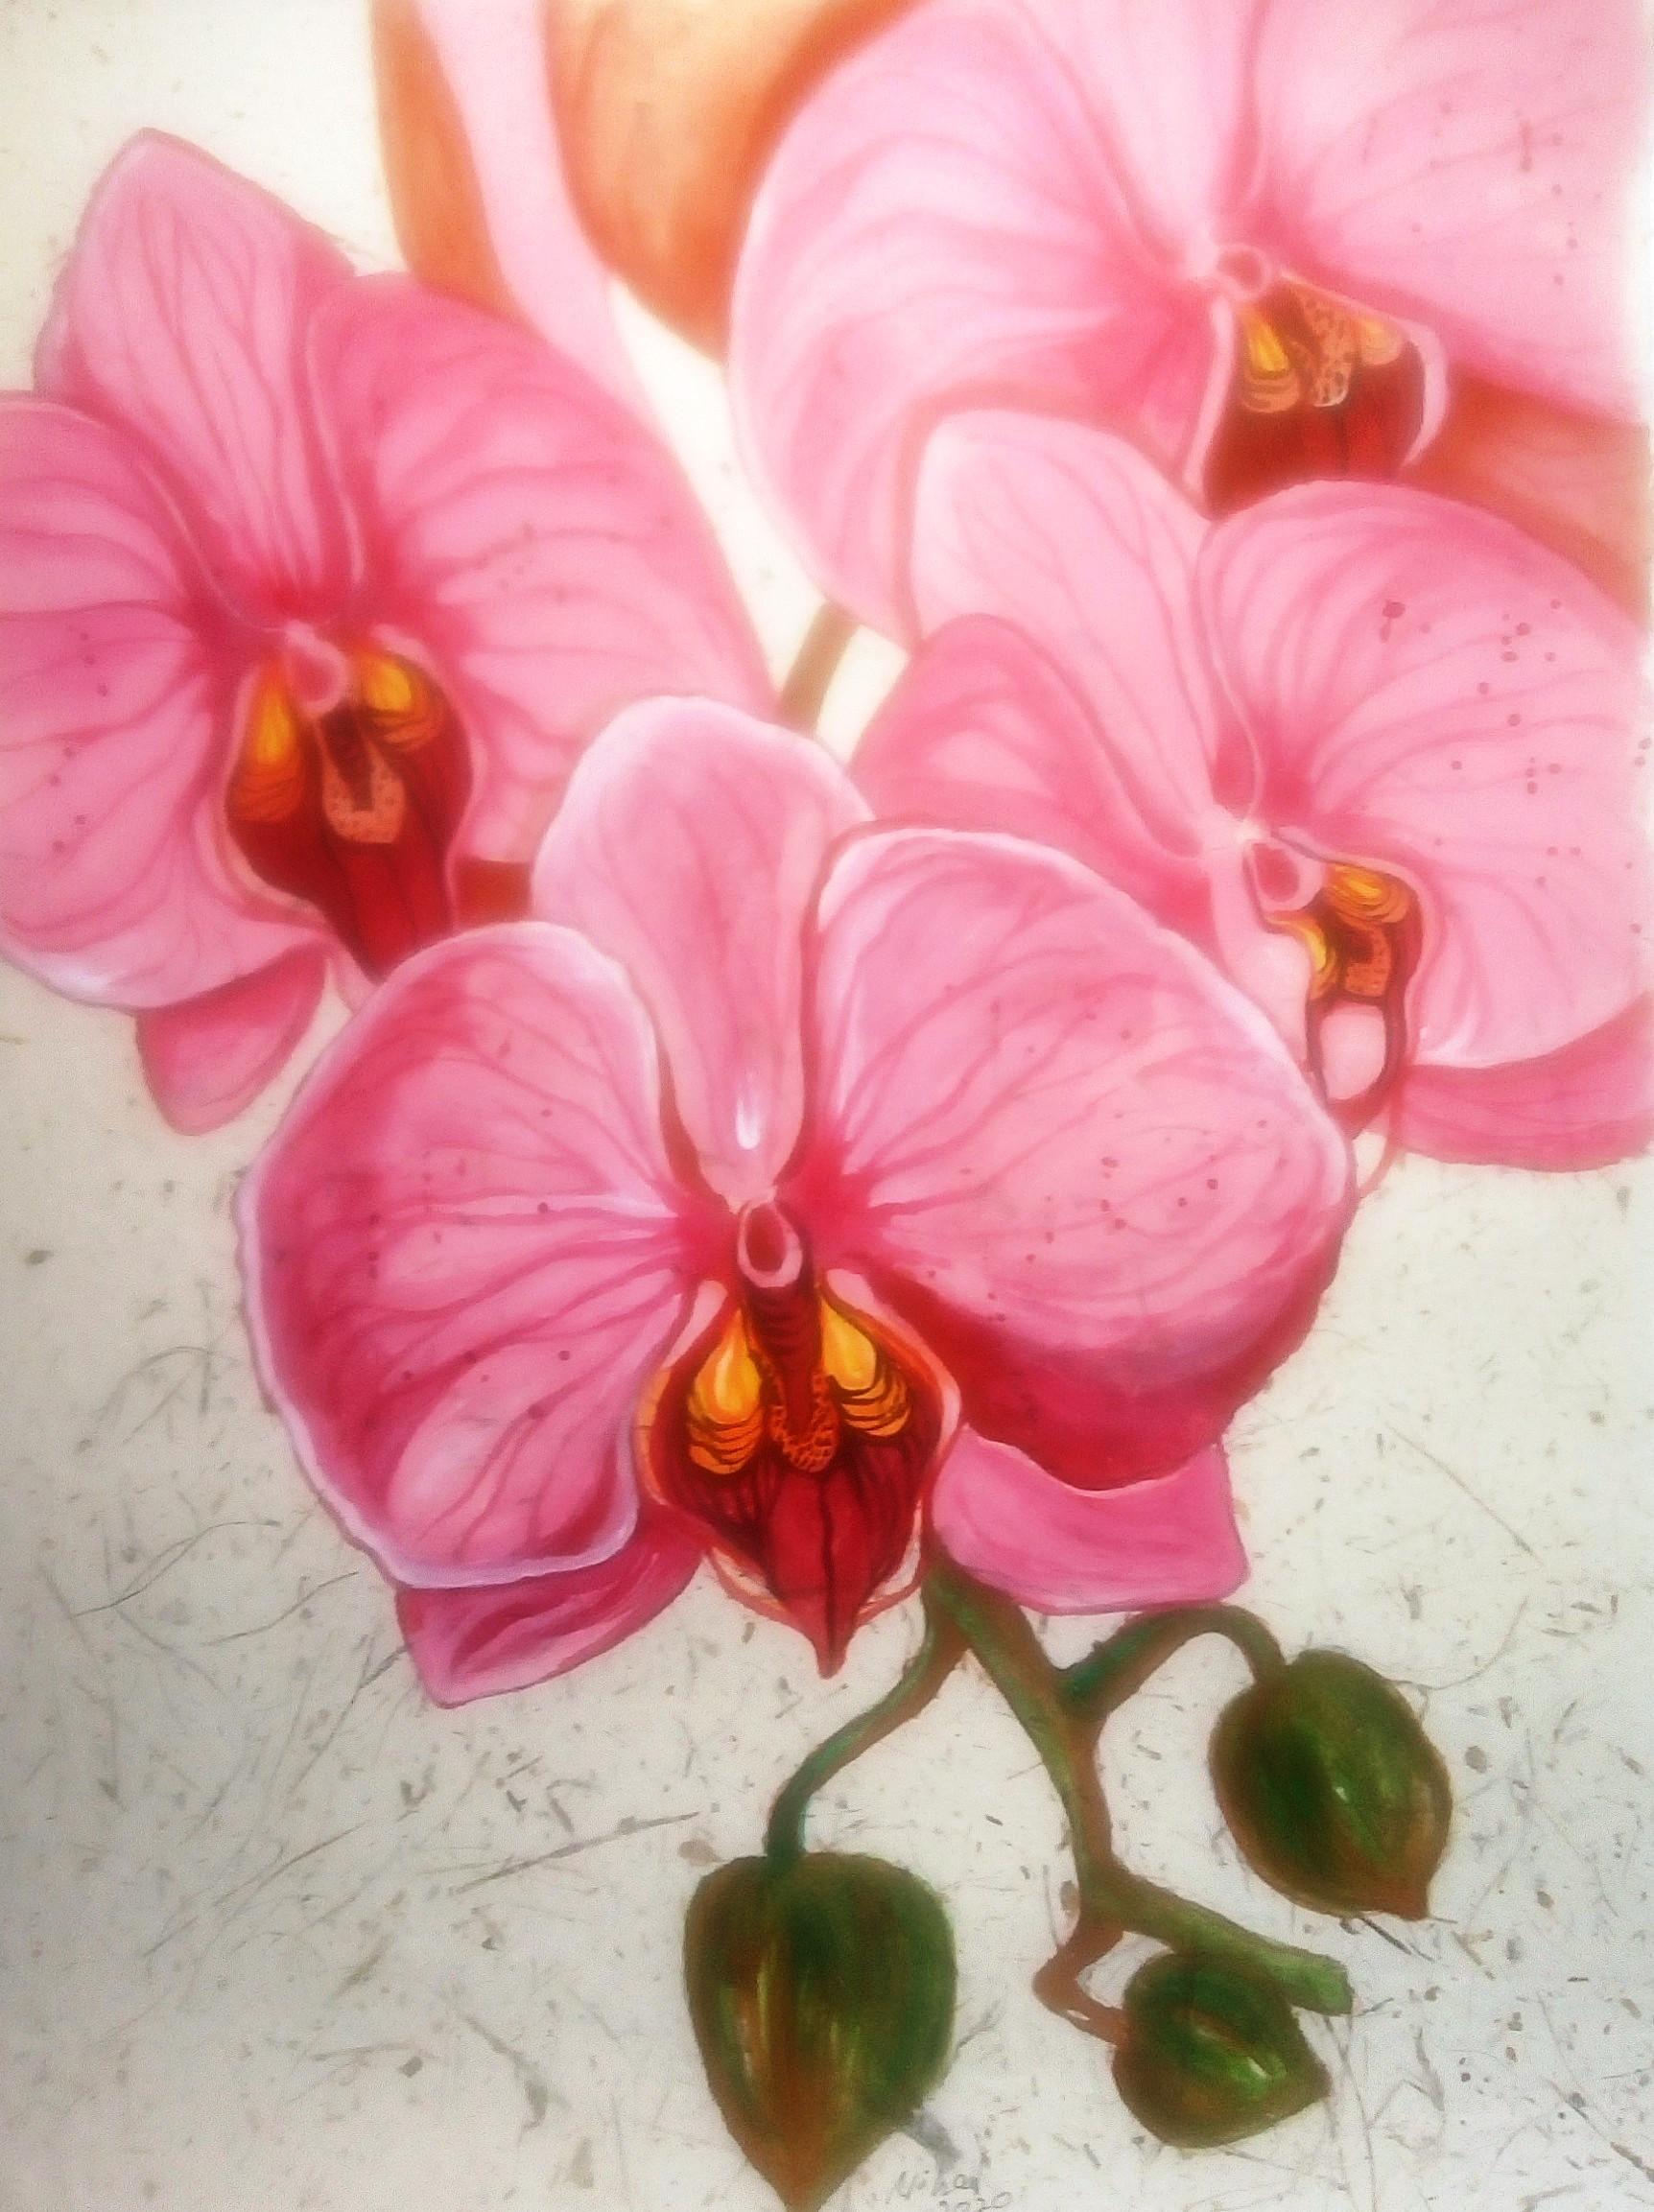 Vintage orchids by Nihal Senarathna